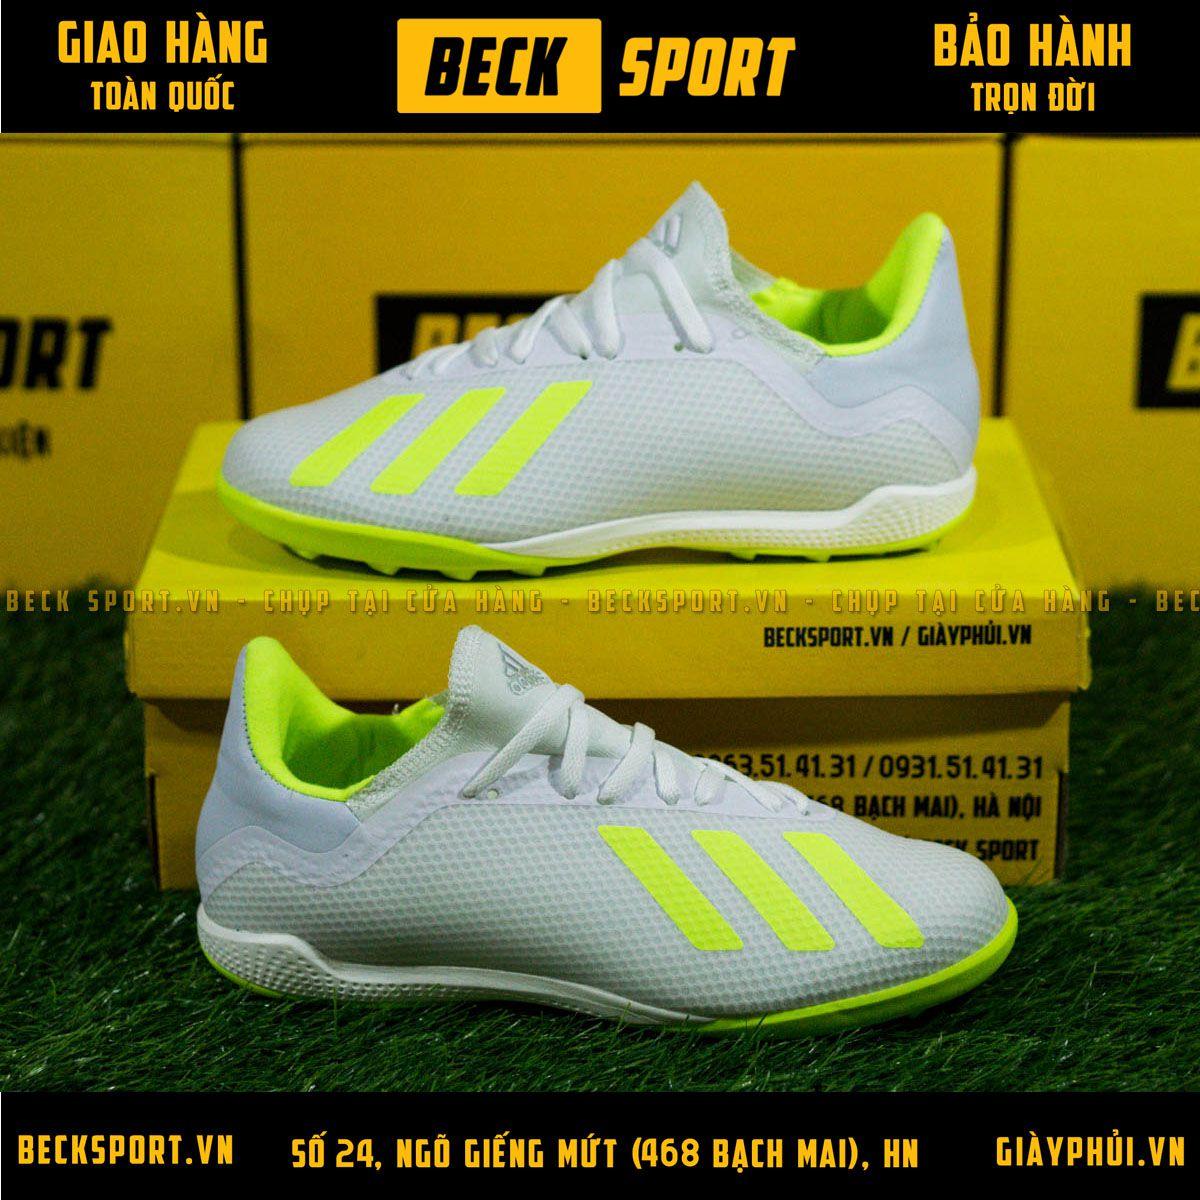 Giày Bóng Đá Adidas X 18.3 Trắng Vạch Chuối Đế Chuối TF